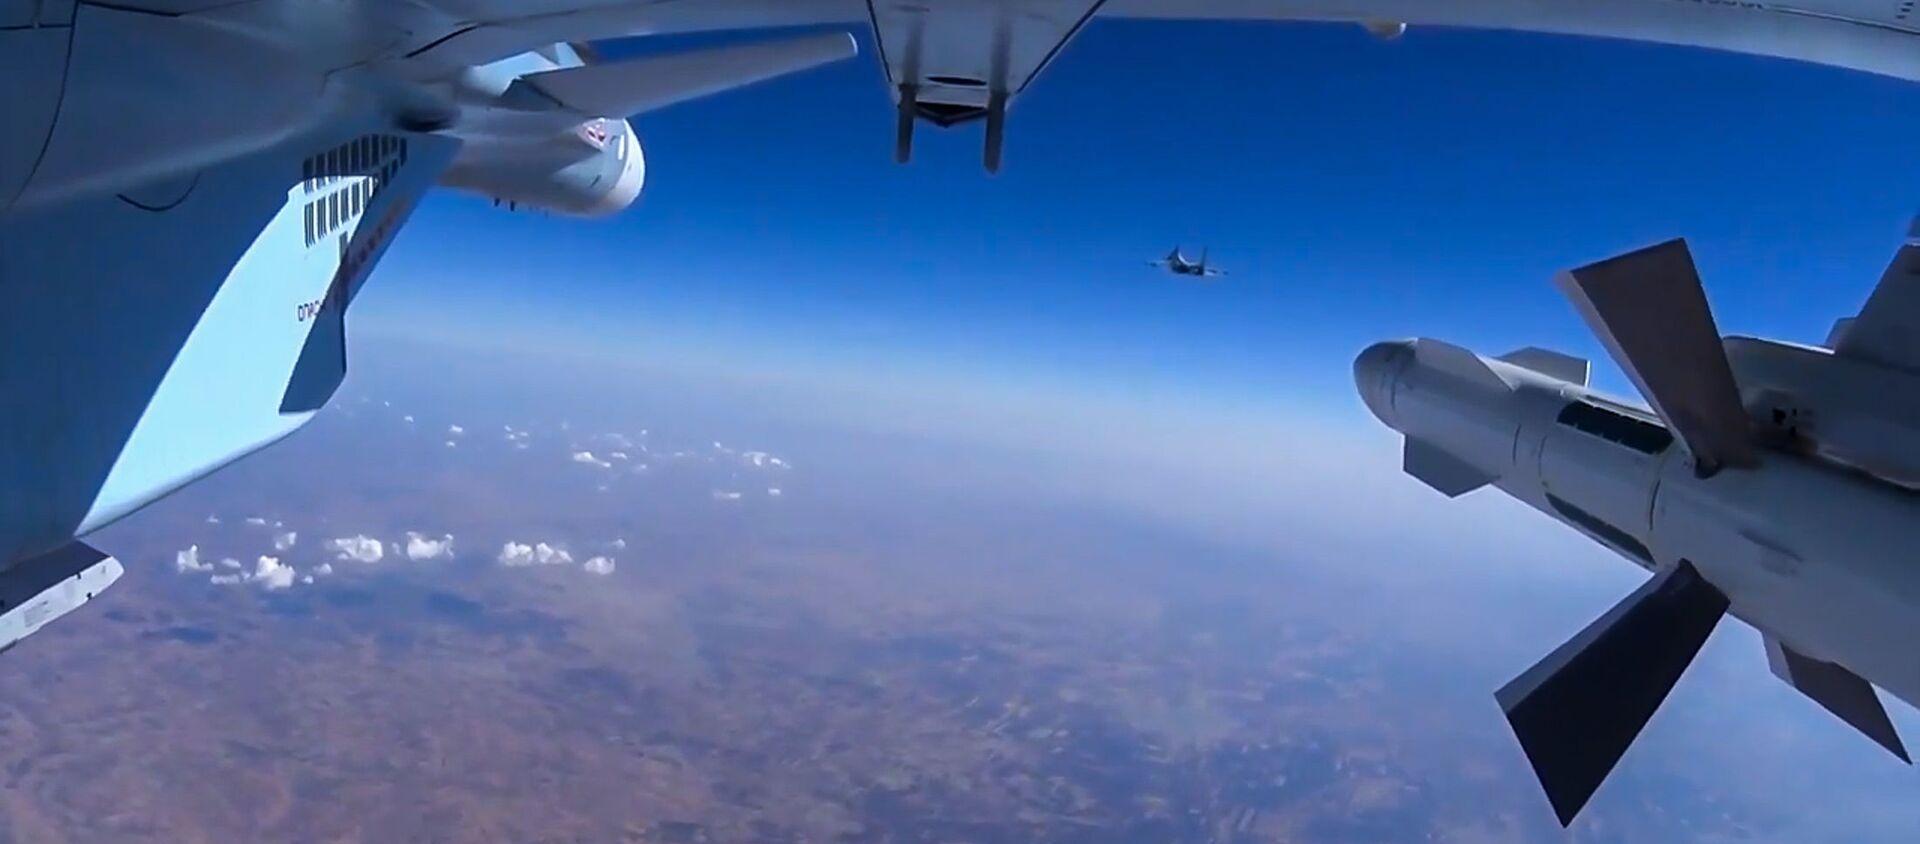 Samolot Su-30 rosyjskich sił powietrznych w Syrii   - Sputnik Polska, 1920, 11.05.2021